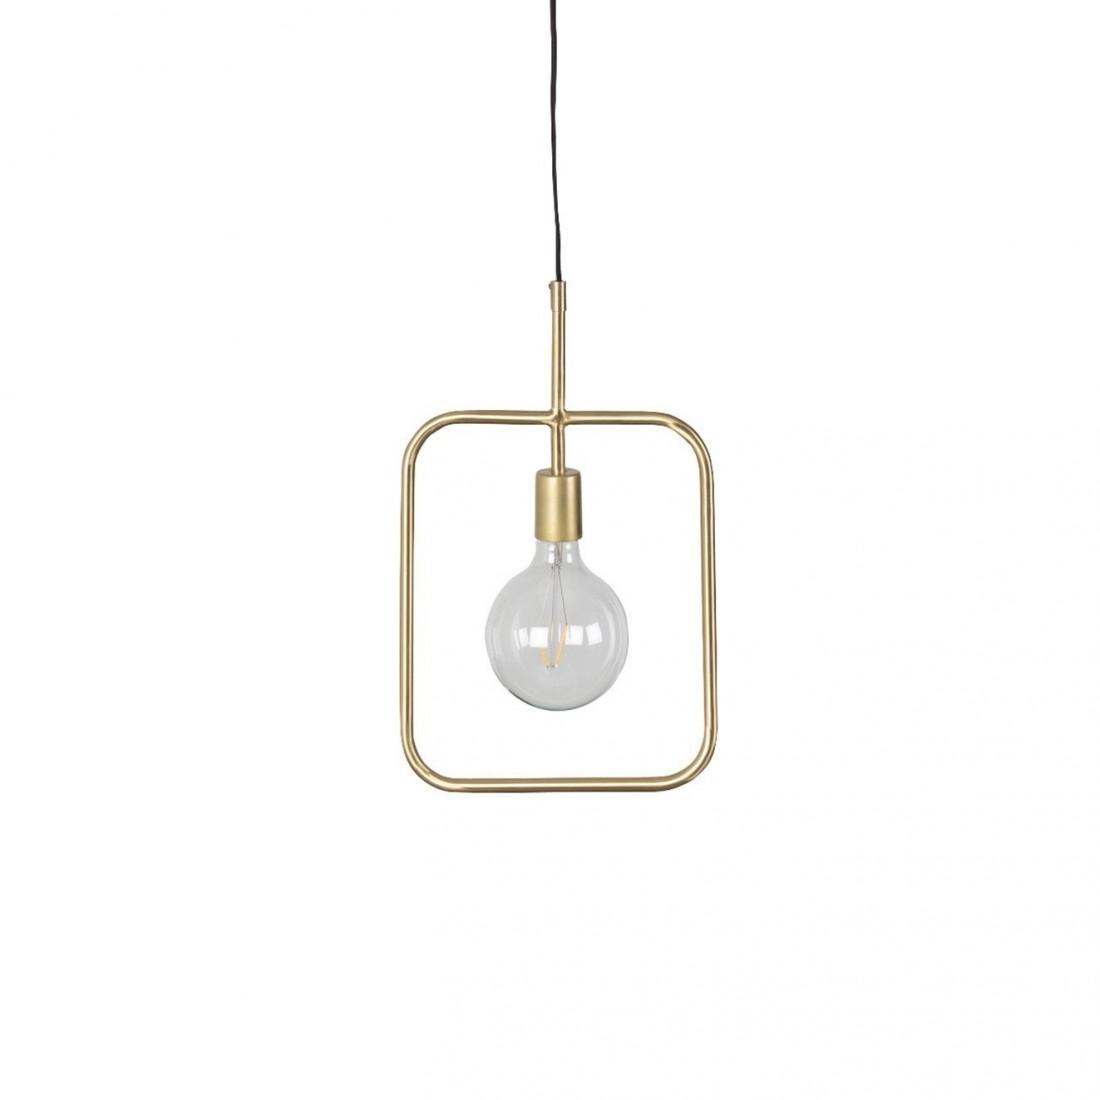 Suspension industrielle Cubo finitions dorées - Dutchbone